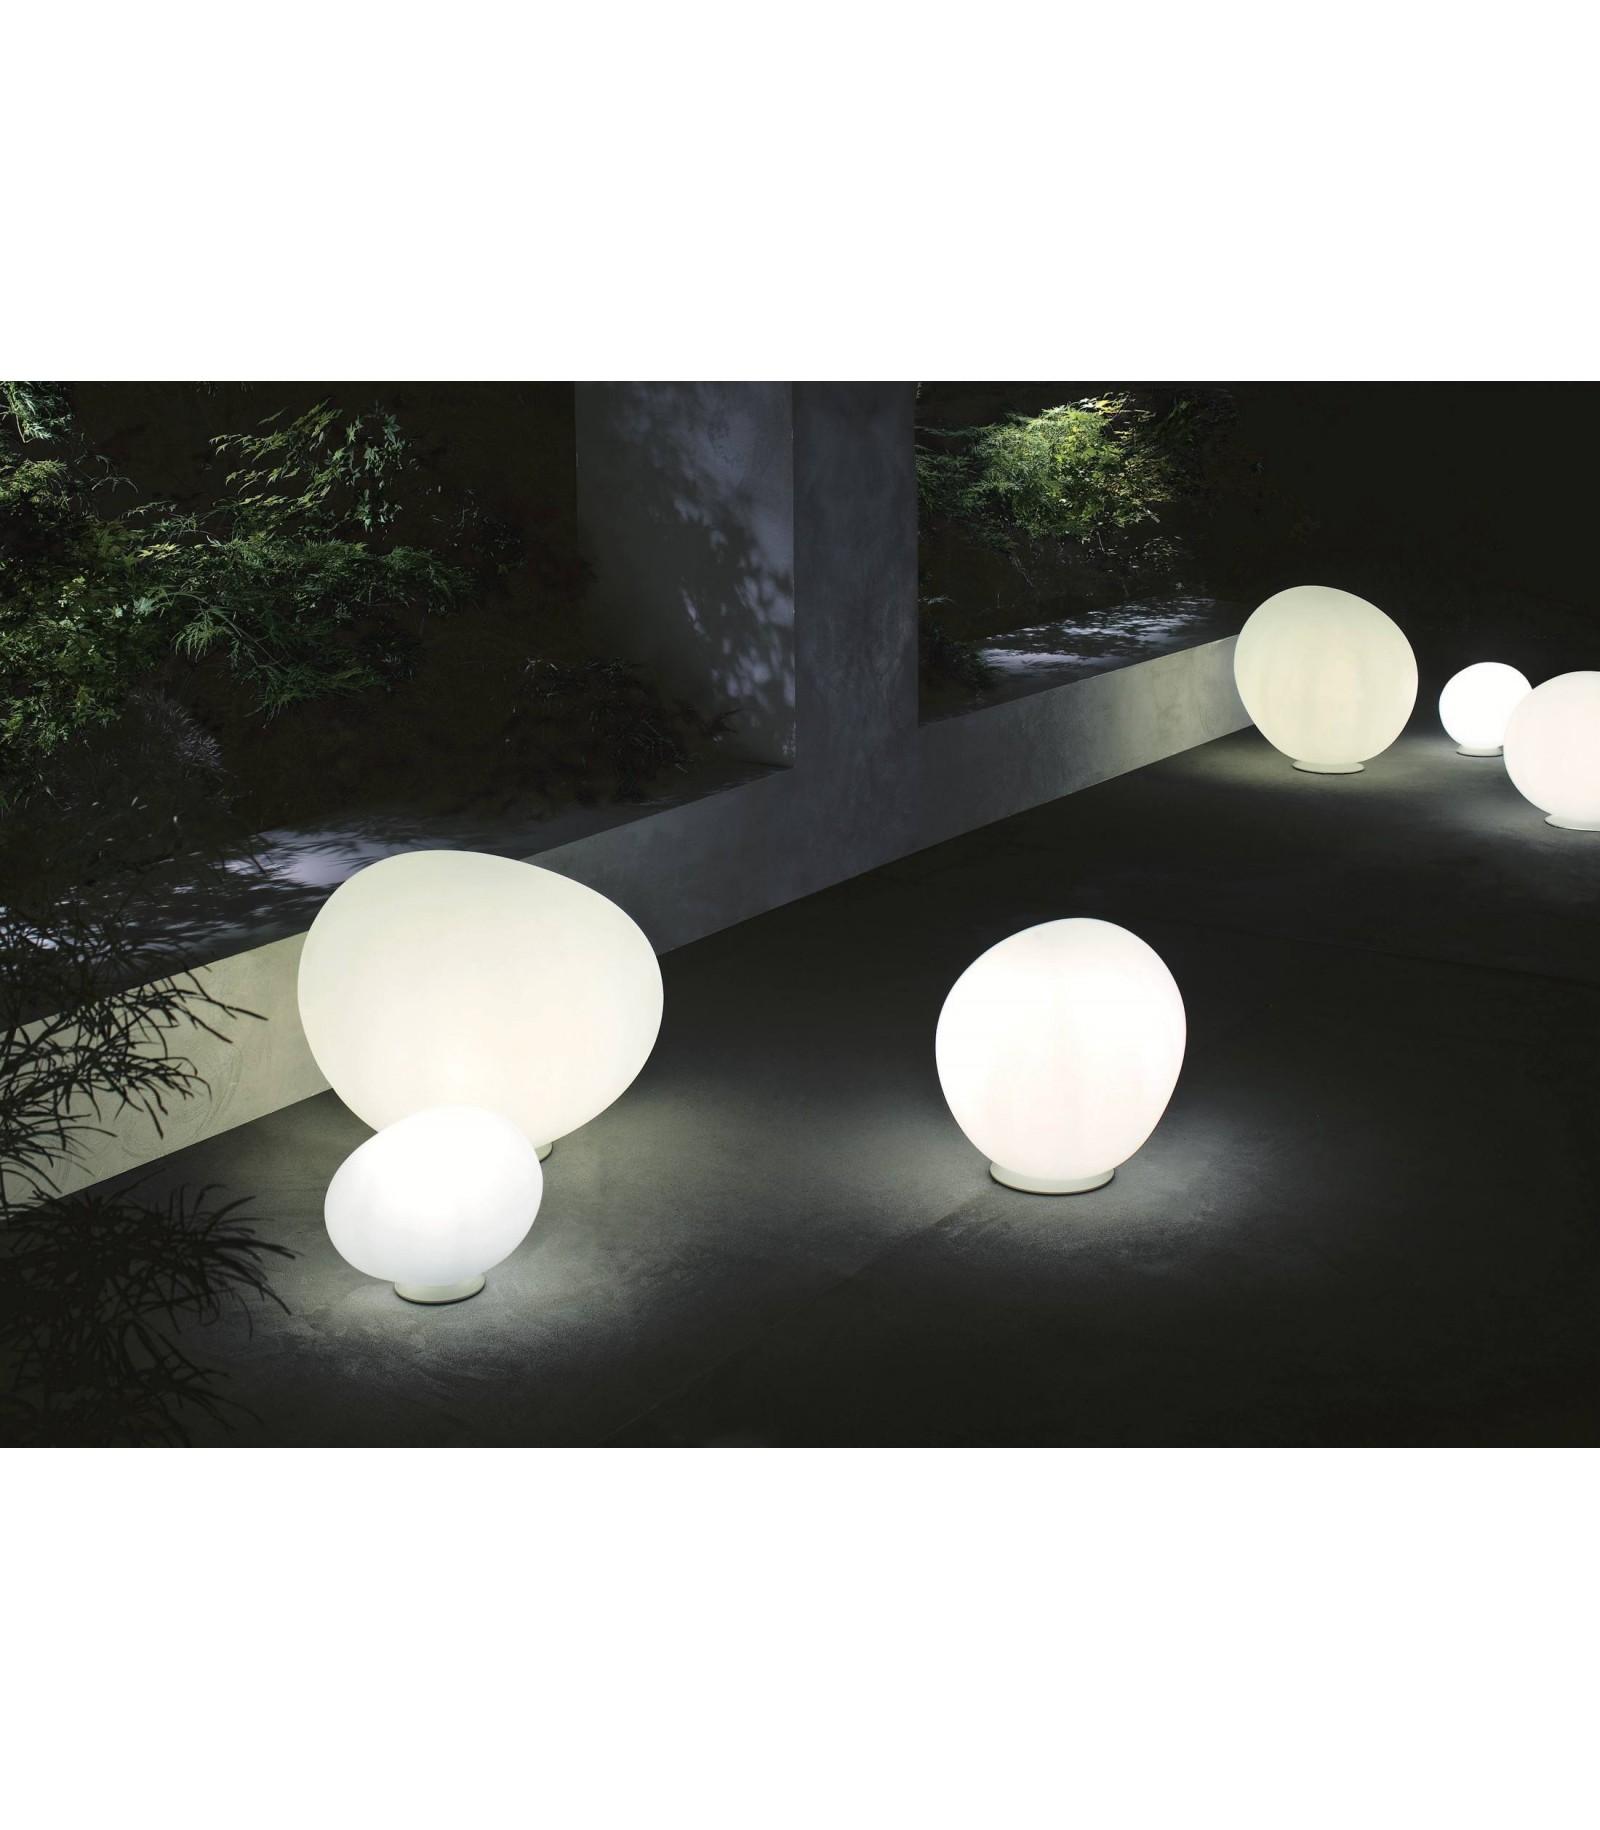 Lampada da esterno foscarini gregg outdoor - Lampade da giardino da terra ...